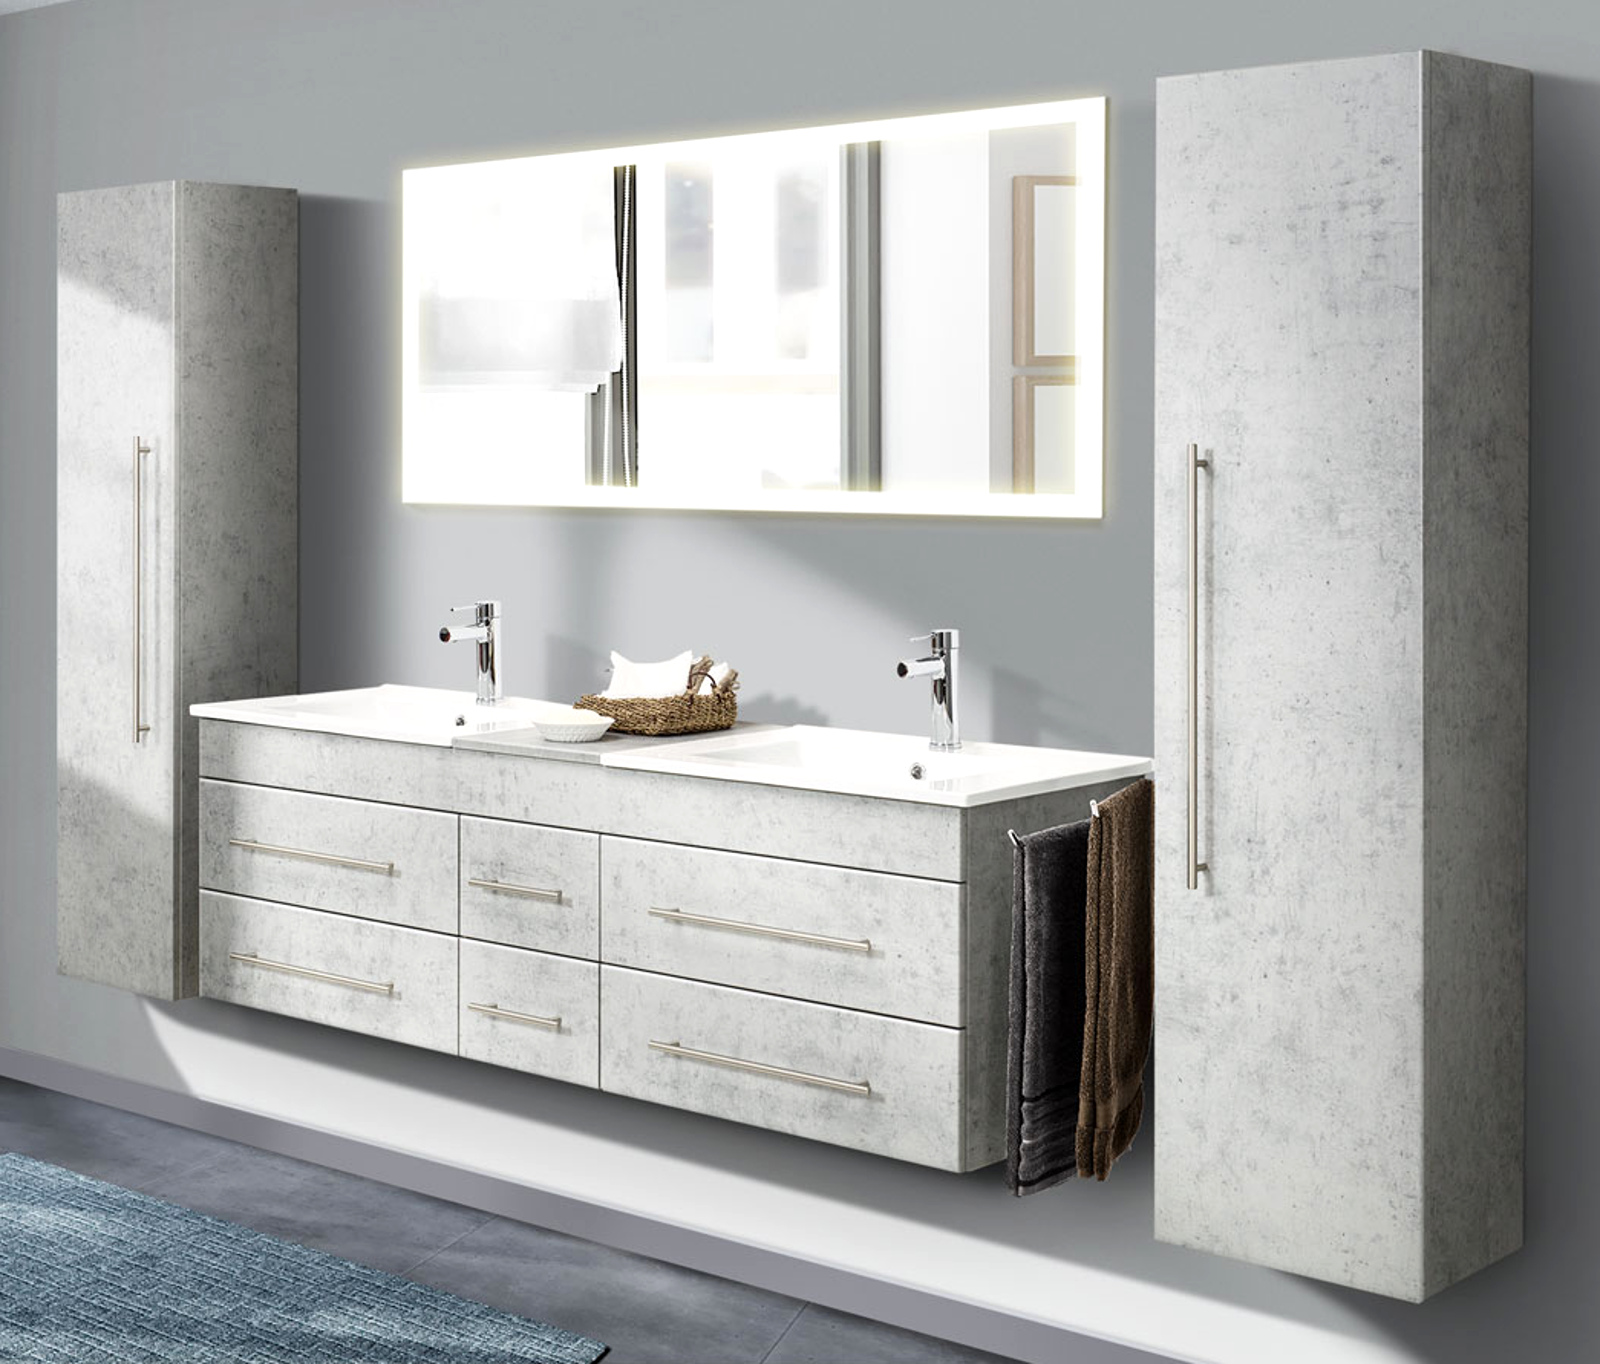 Badkombination Nero XL in Stone Design grau Badmöbel Set inkl.  Doppelwaschtisch und Spiegel mit Beleuchtung 20 x 20 cm